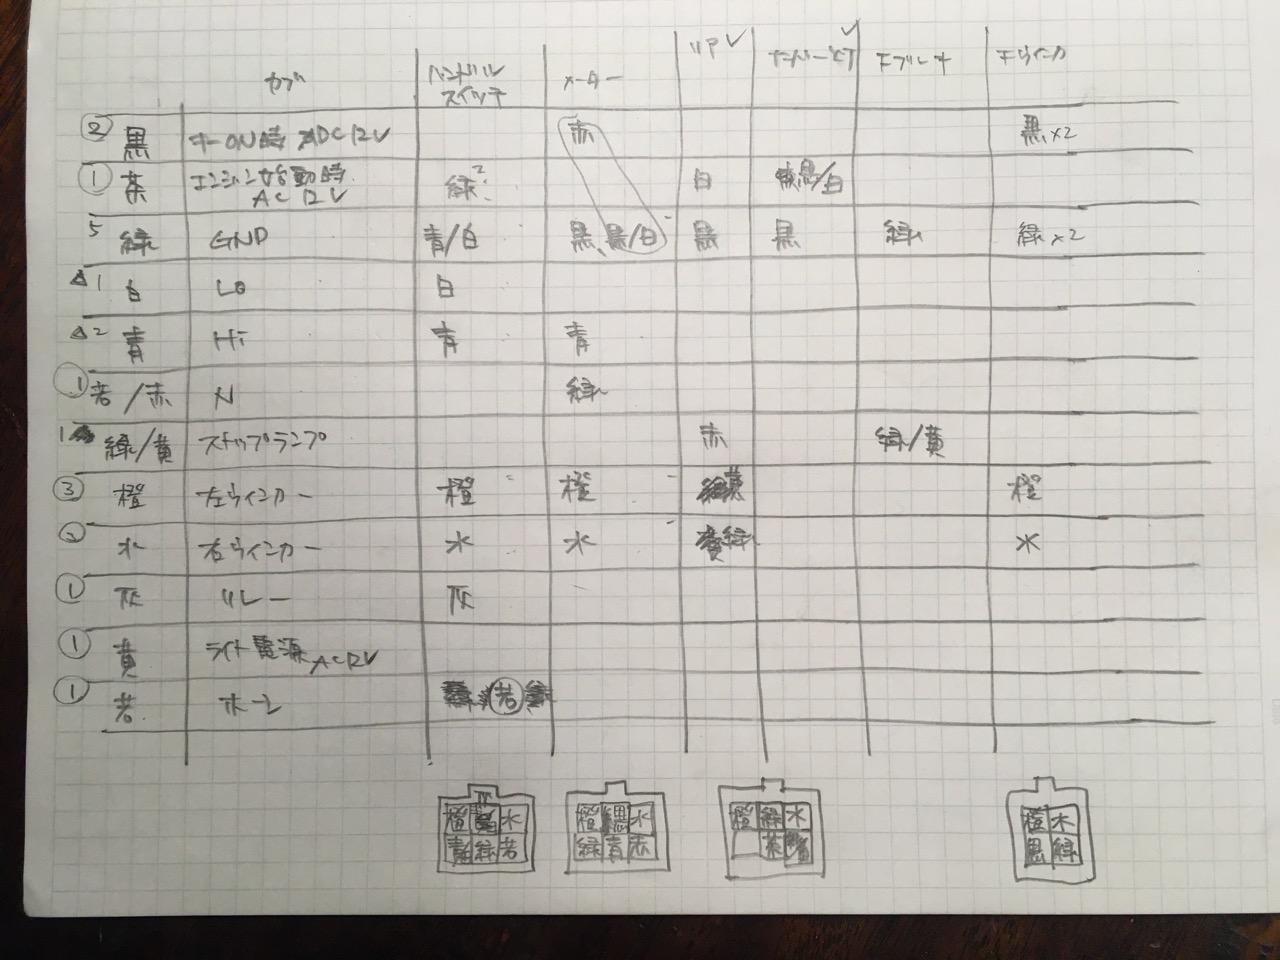 カブ配線互換表